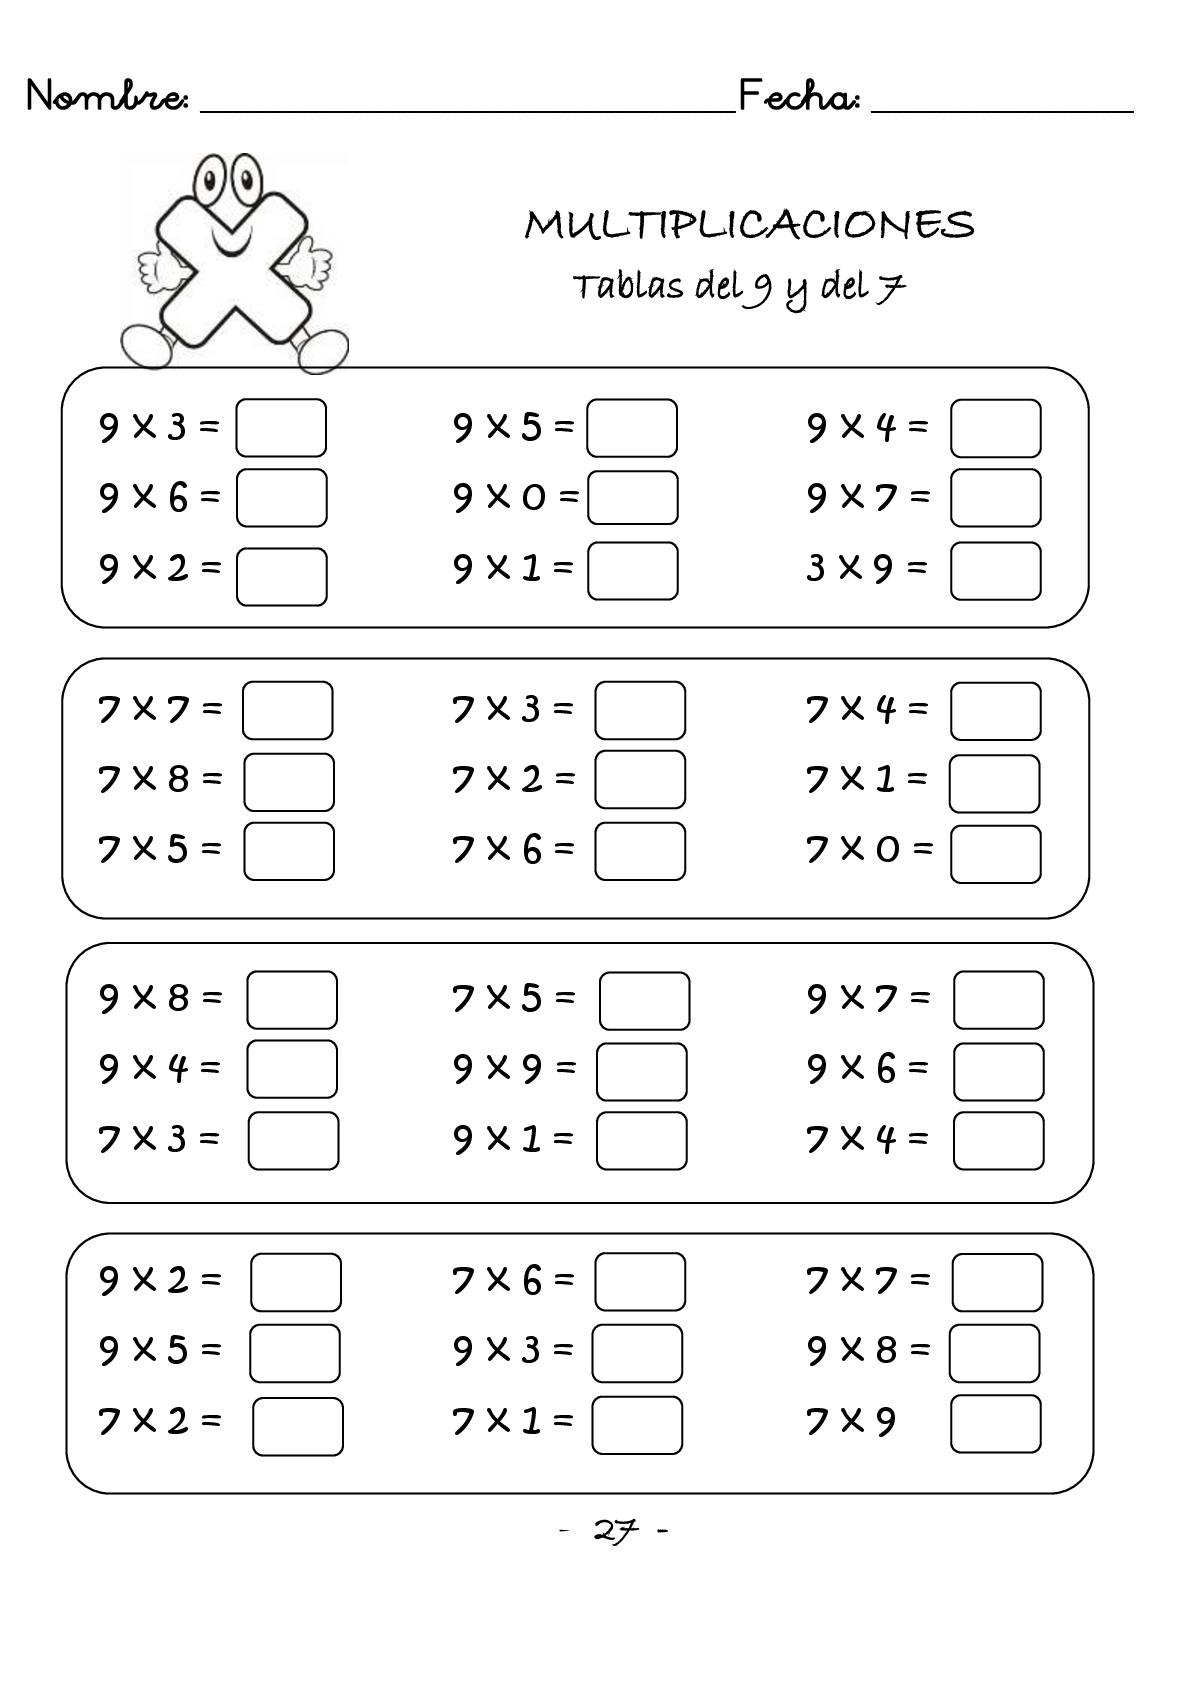 multiplicaciones-rapidas-una-cifra-protegido-028